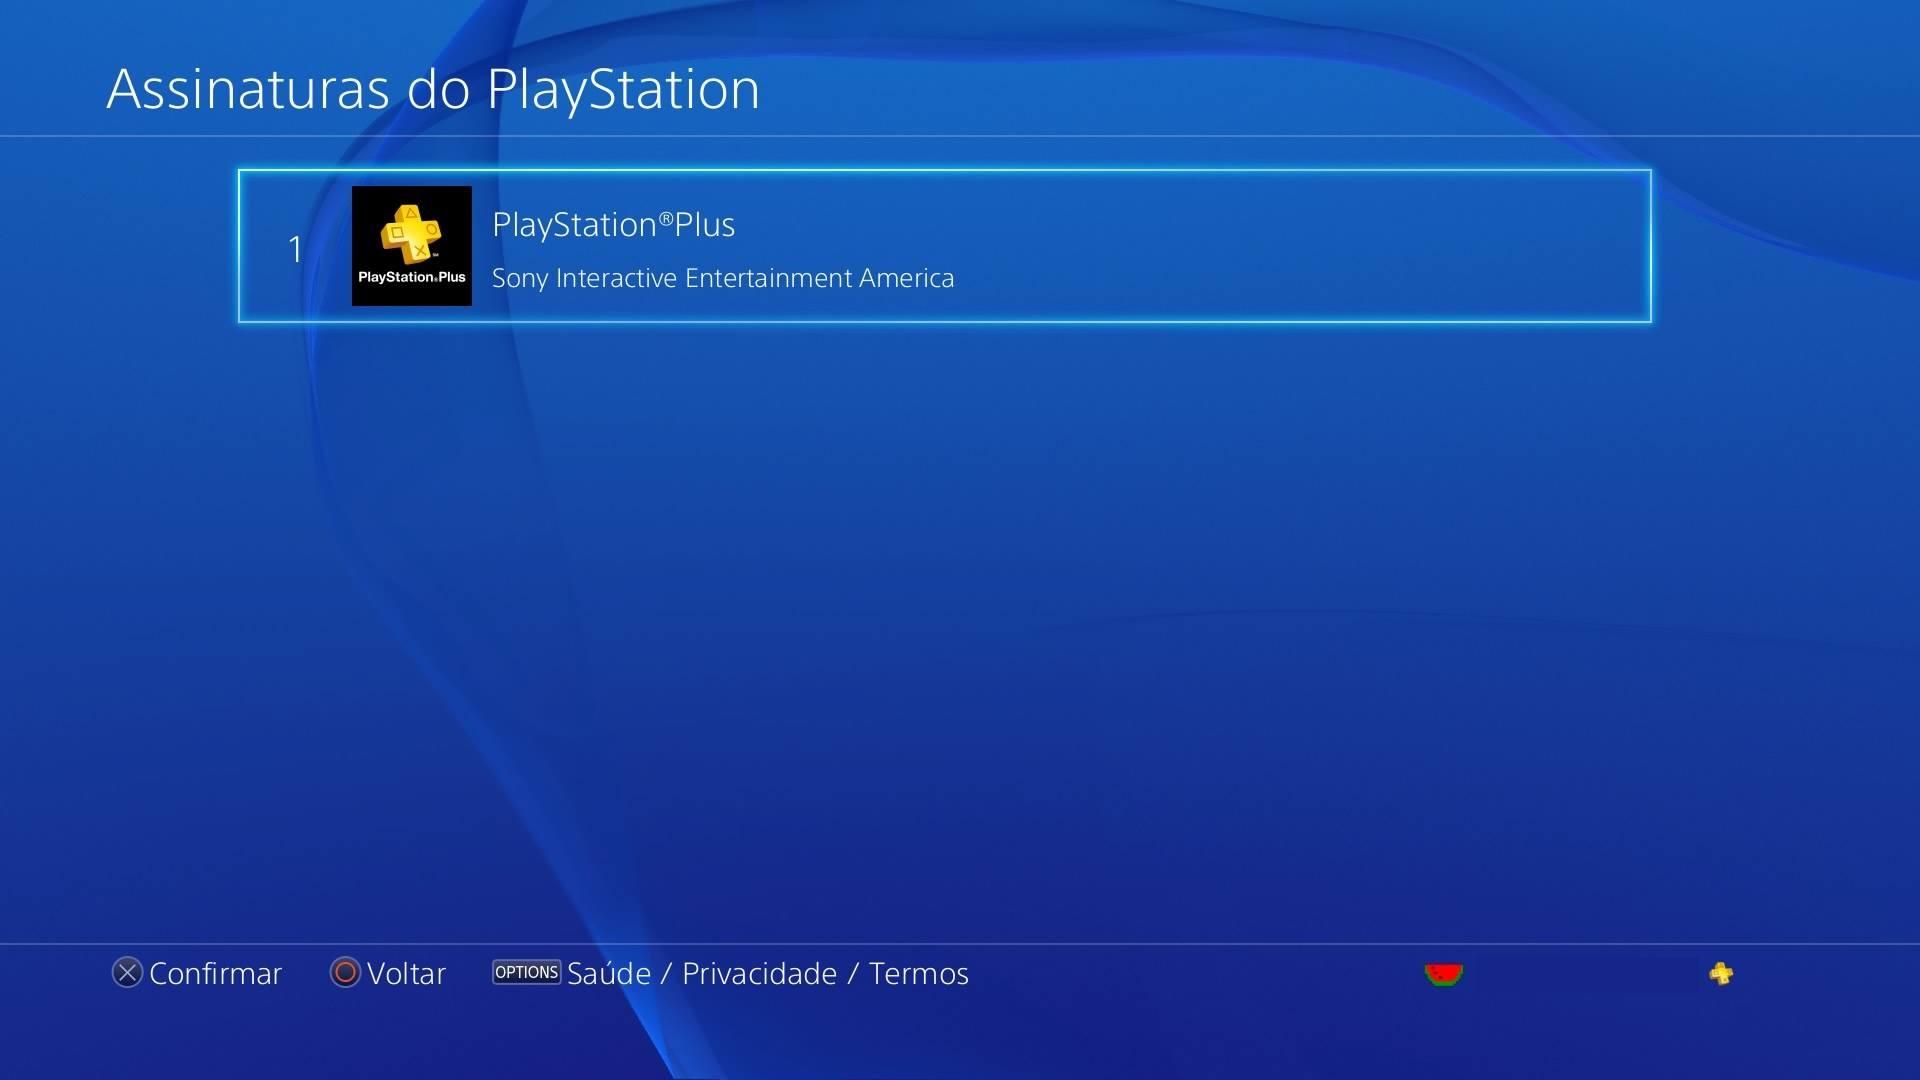 Assinaturas do PlayStation